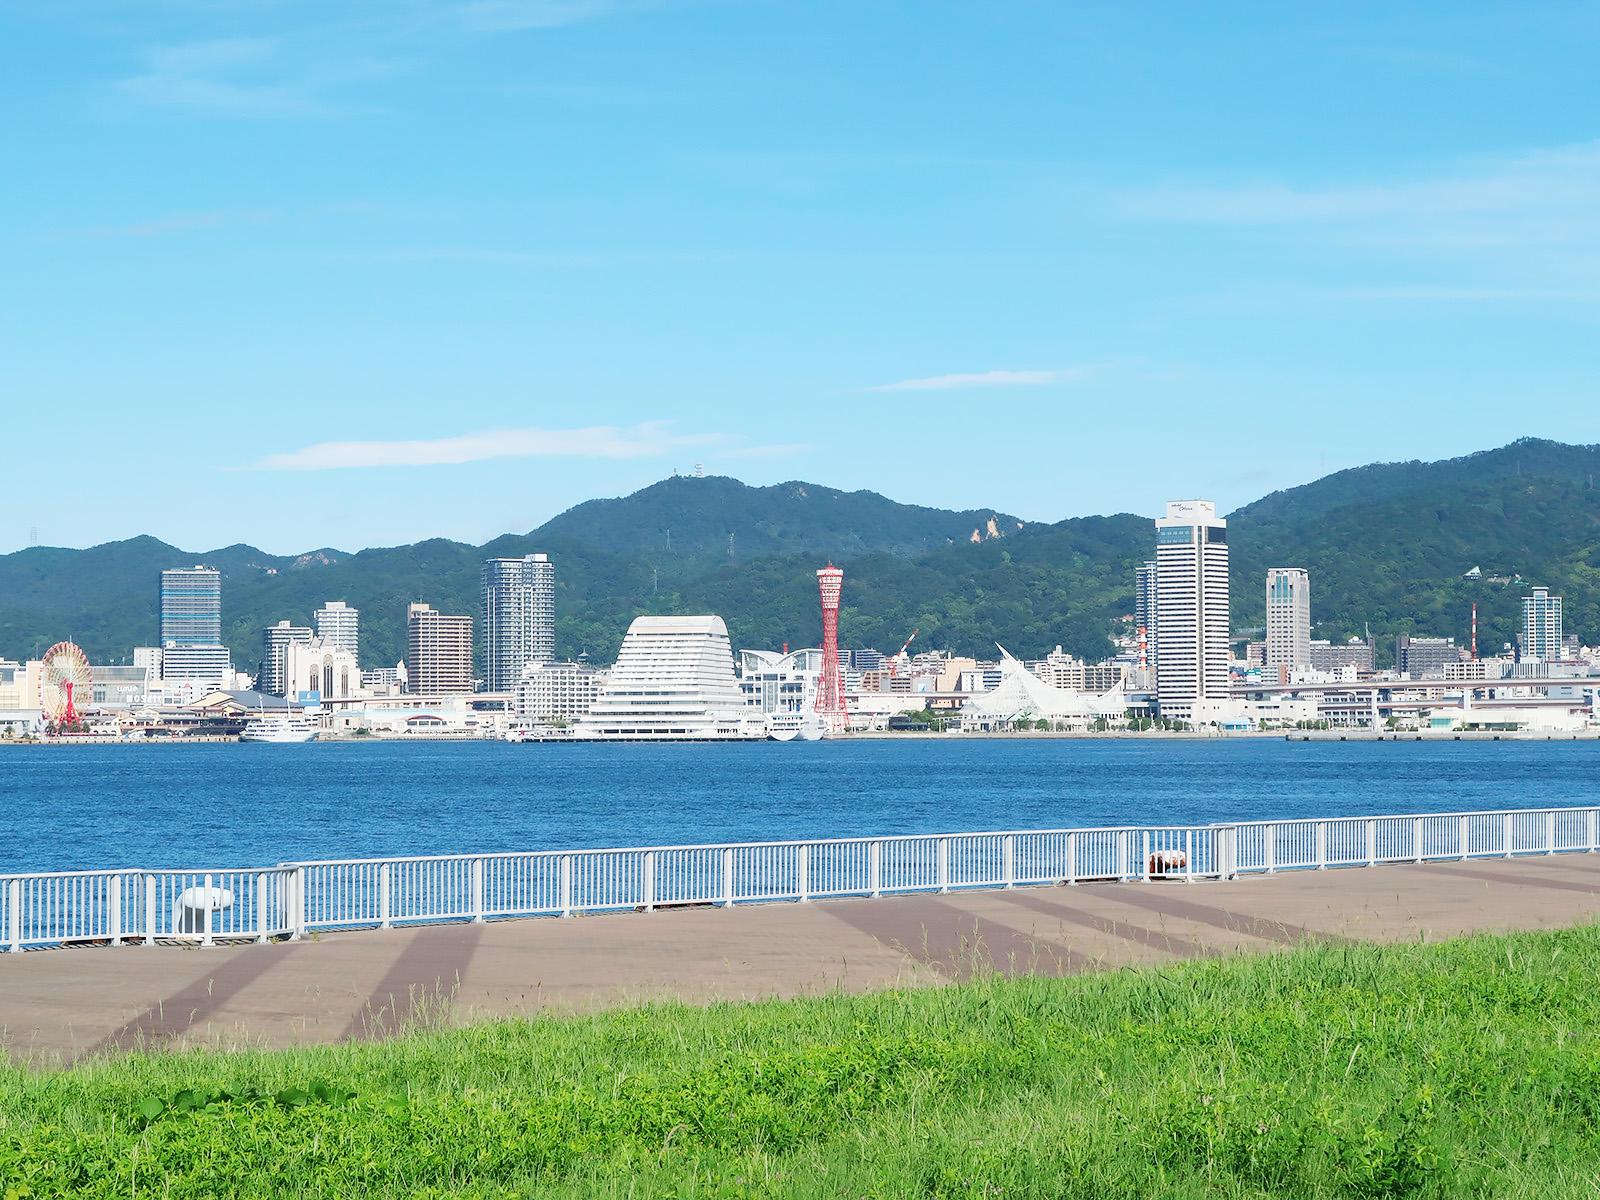 ポーアイしおさい公園から眺める神戸港の風景